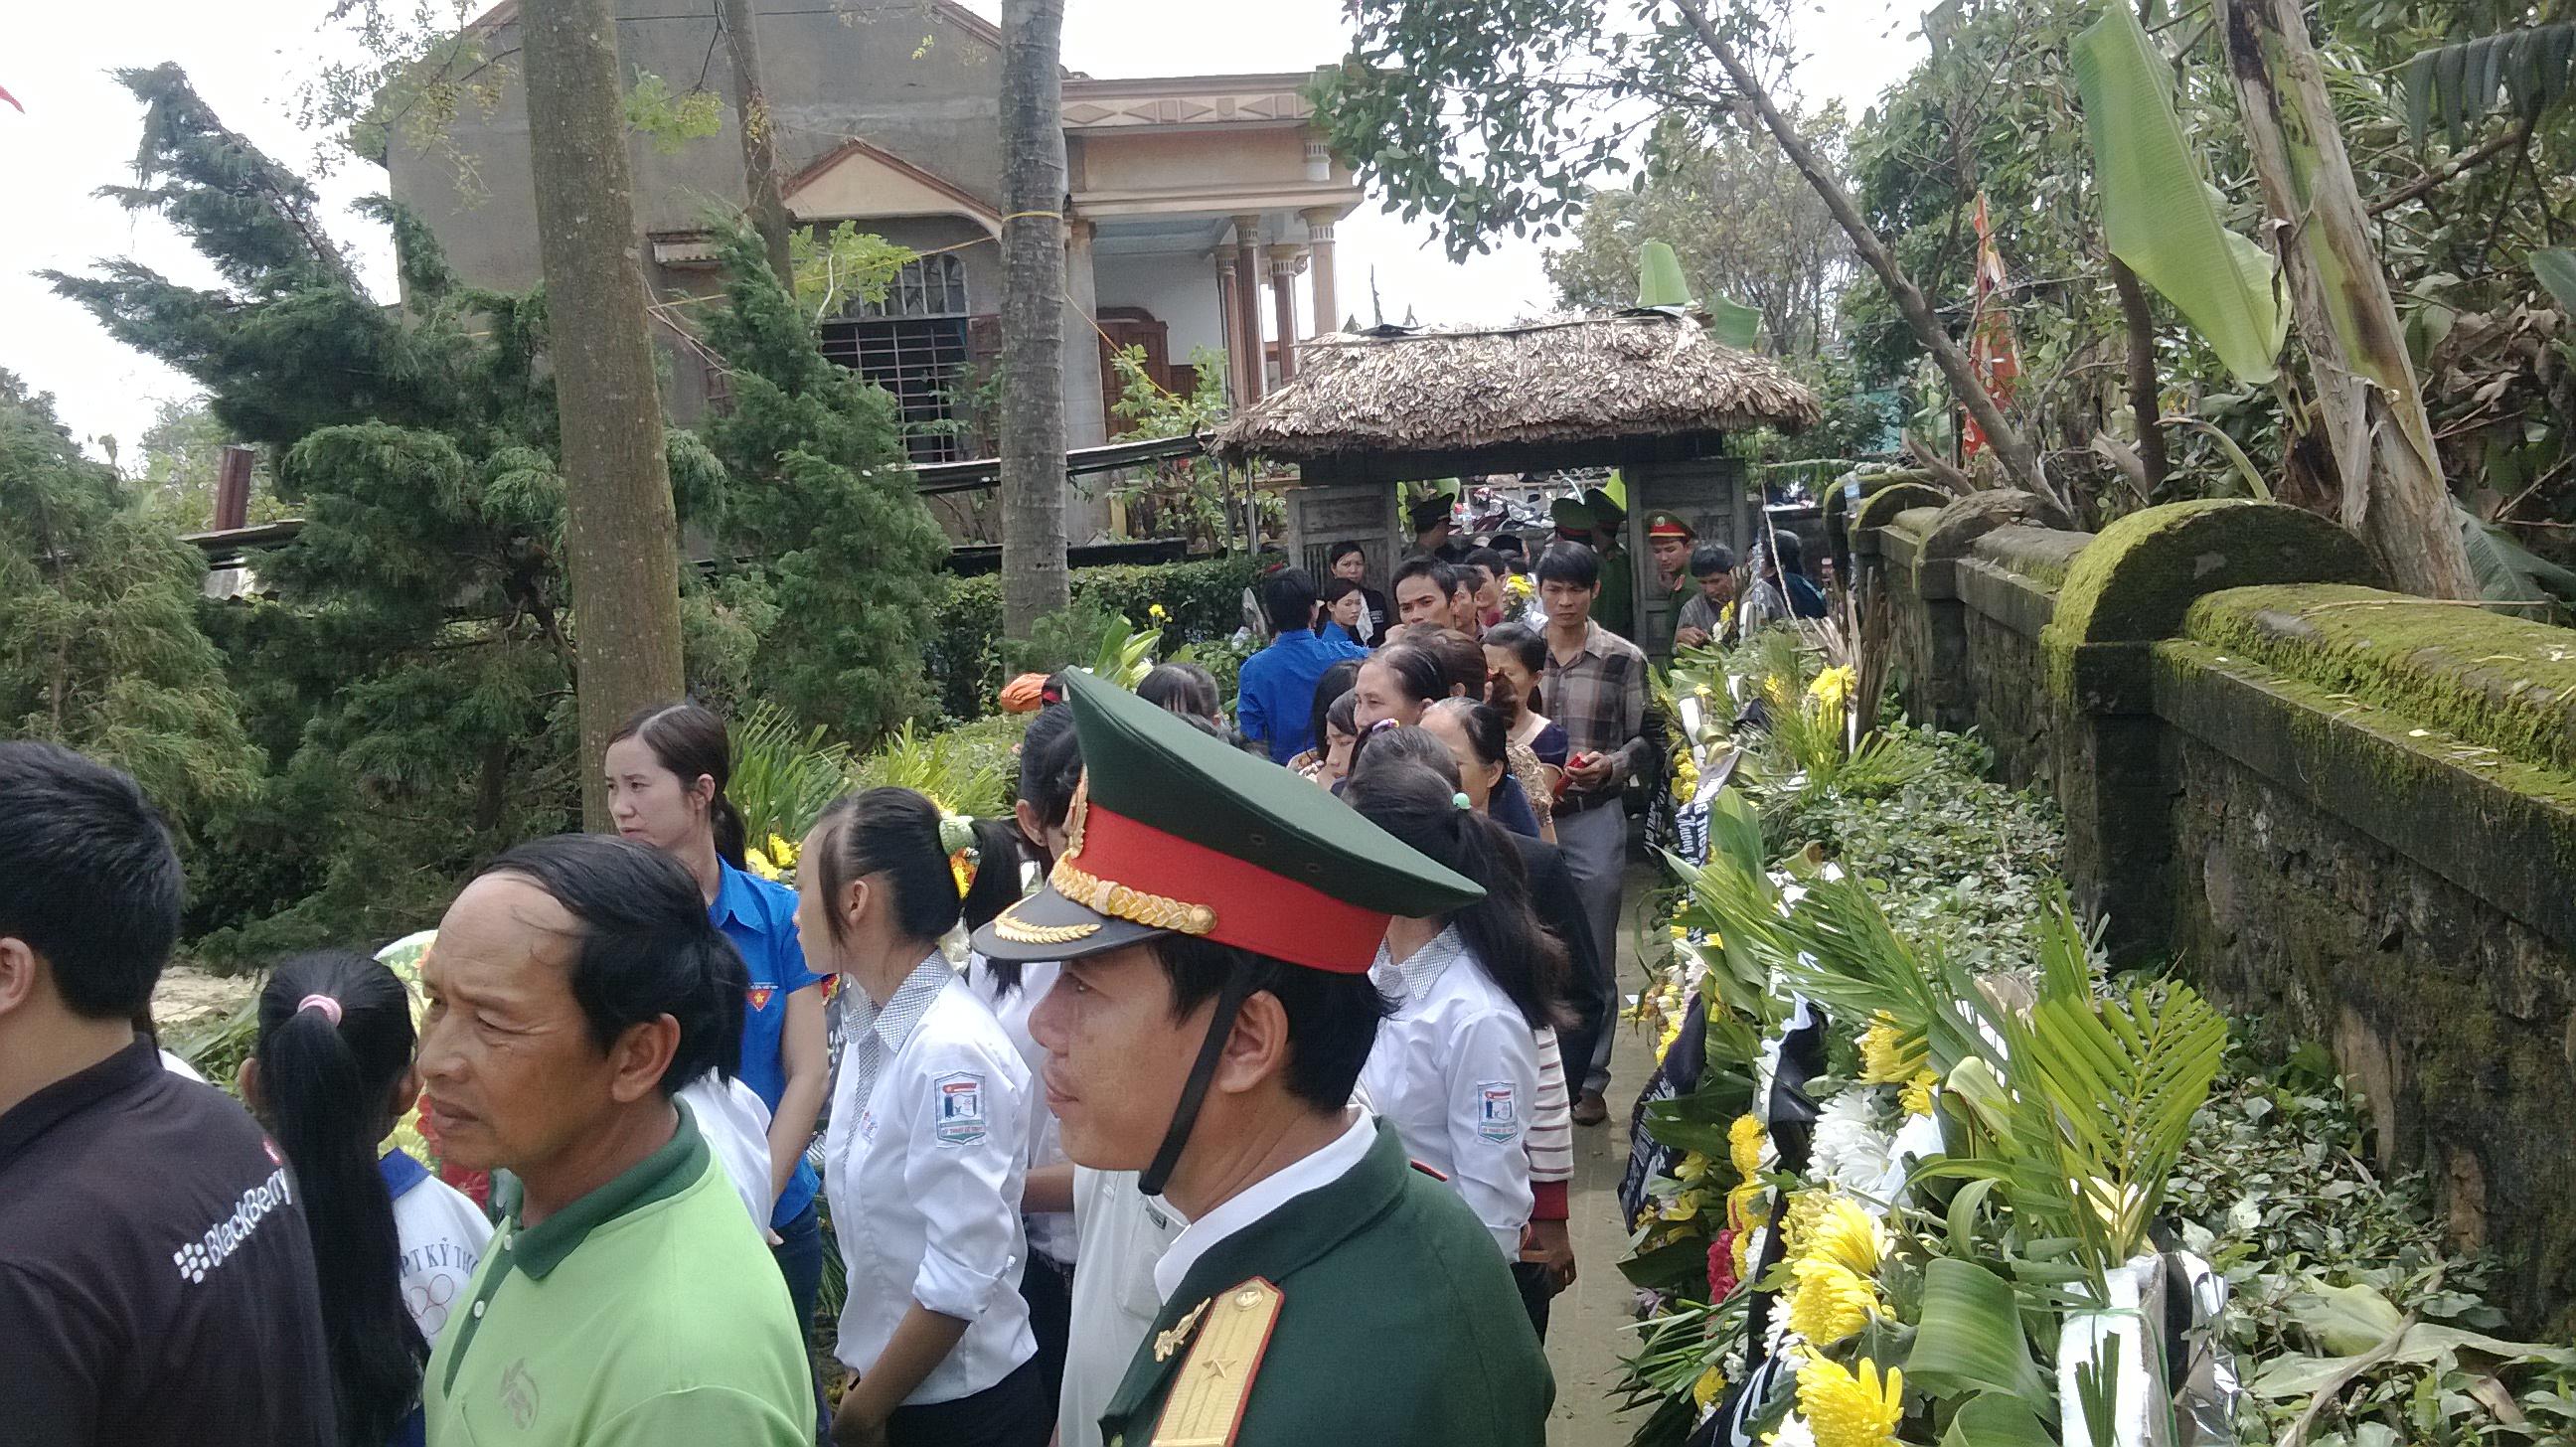 Dòng người nối dài trướng cổng nhà Đại tướng.